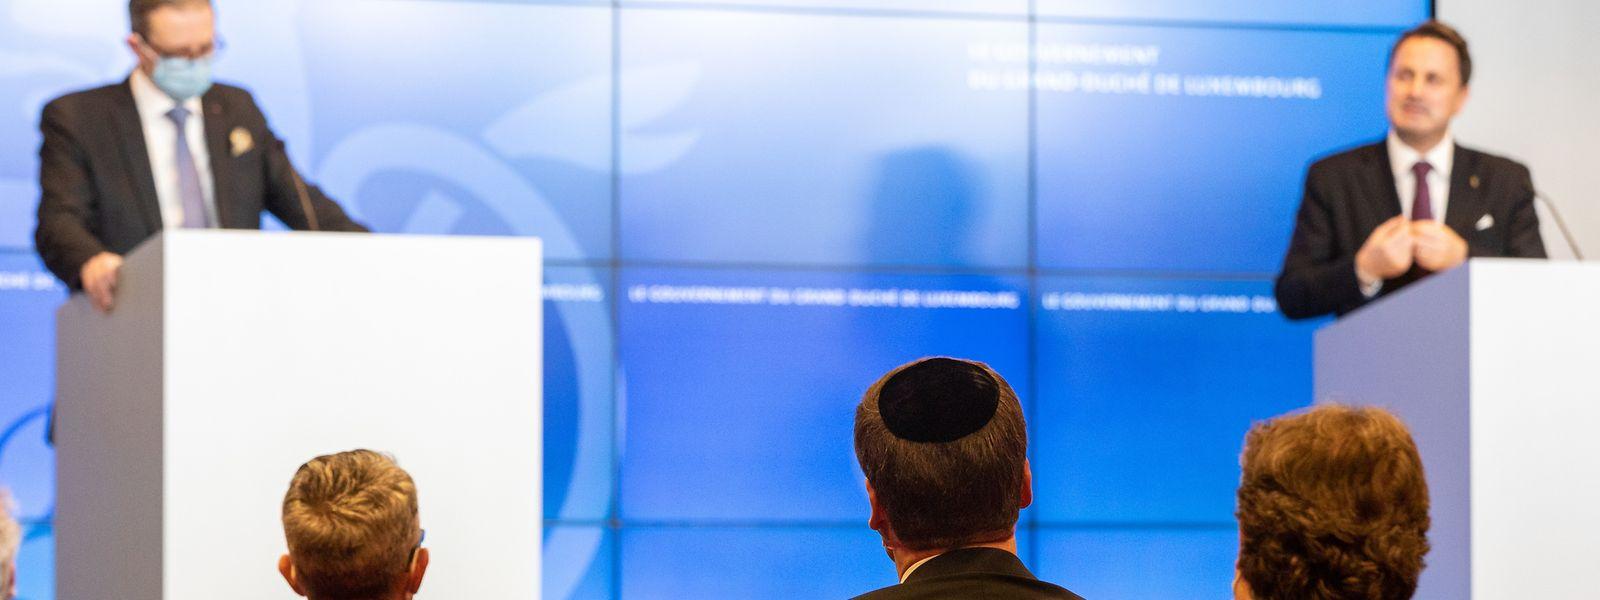 Parmi les éléments de l'accord signé mercredi par le gouvernement et les représentants de la communauté juive figure la mise en place d'une stratégie nationale de lutte contre l'antisémitisme.